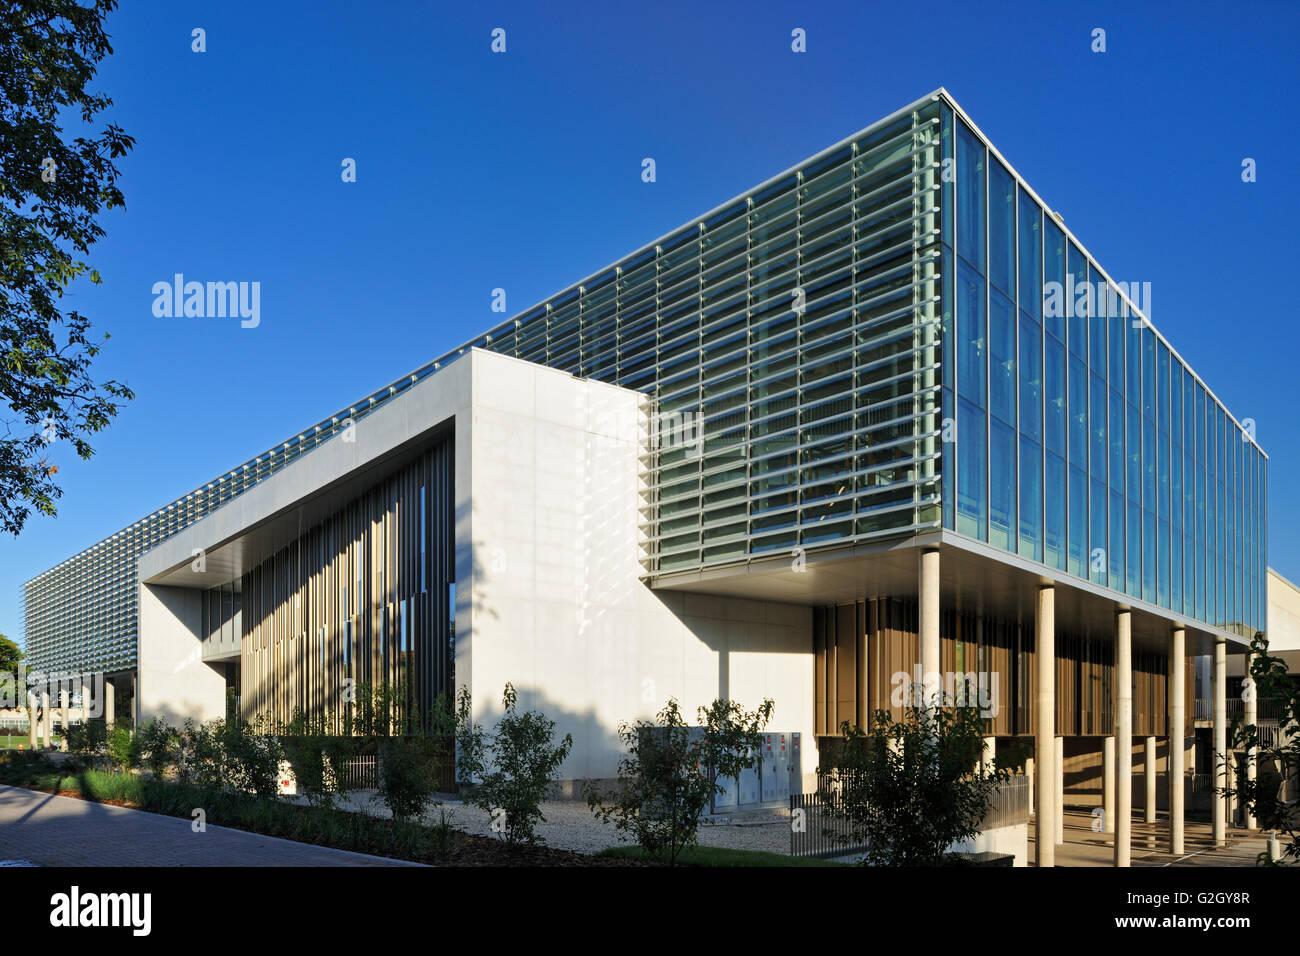 Centro de Vida Activa - Universidad de Manitoba, Winnipeg, Manitoba, Canadá Imagen De Stock